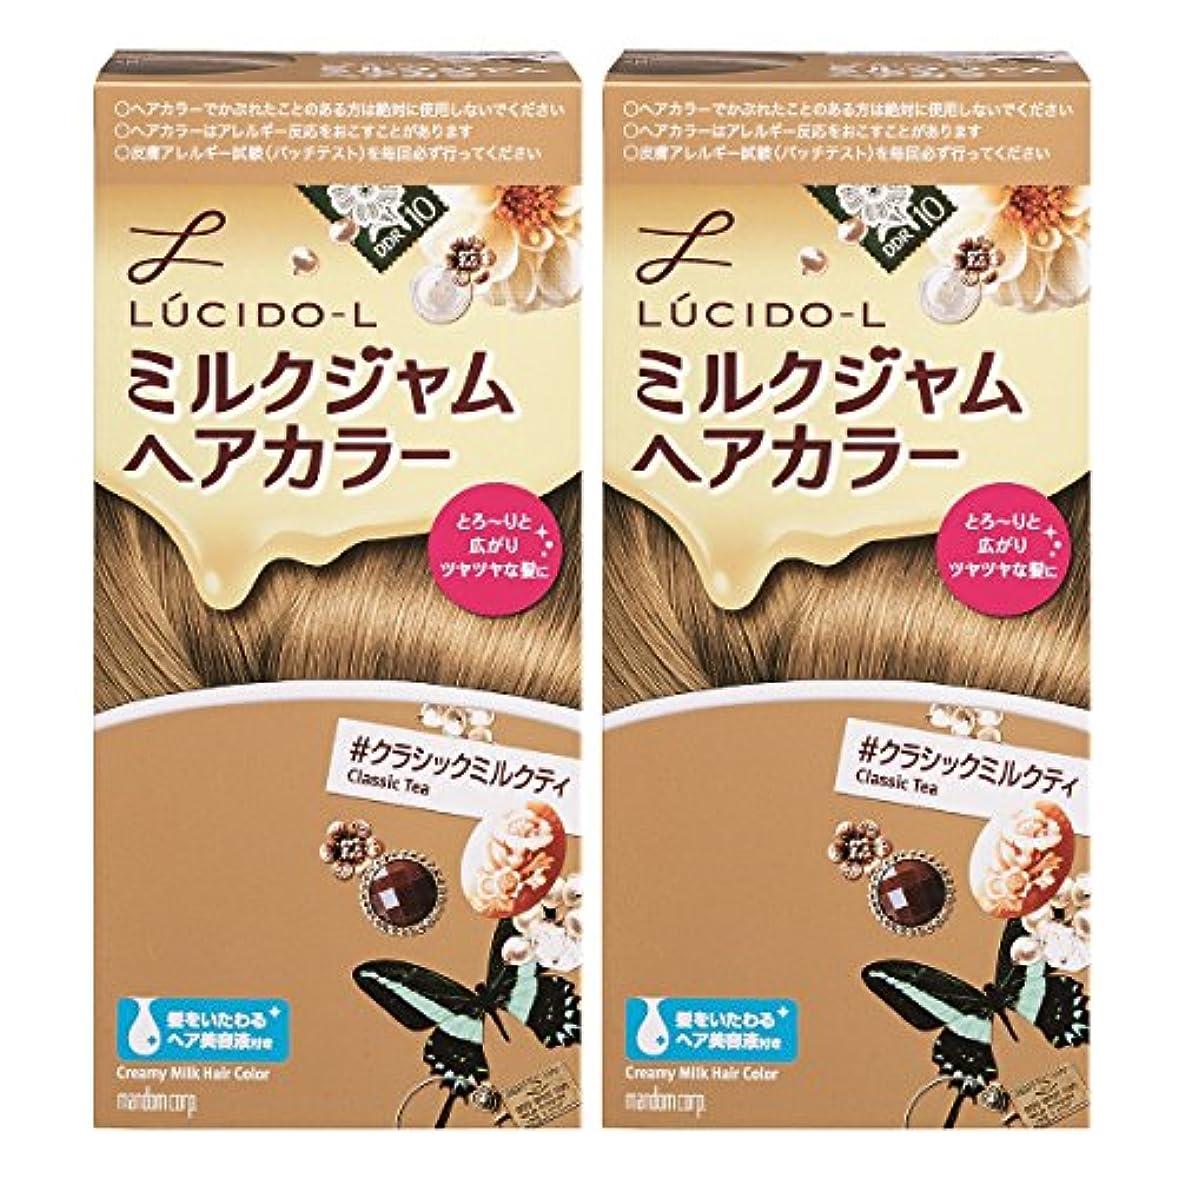 休眠兵隊自動化【まとめ買い】LUCIDO-L (ルシードエル) ミルクジャムヘアカラー #クラシックミルクティ×2個パック(医薬部外品)